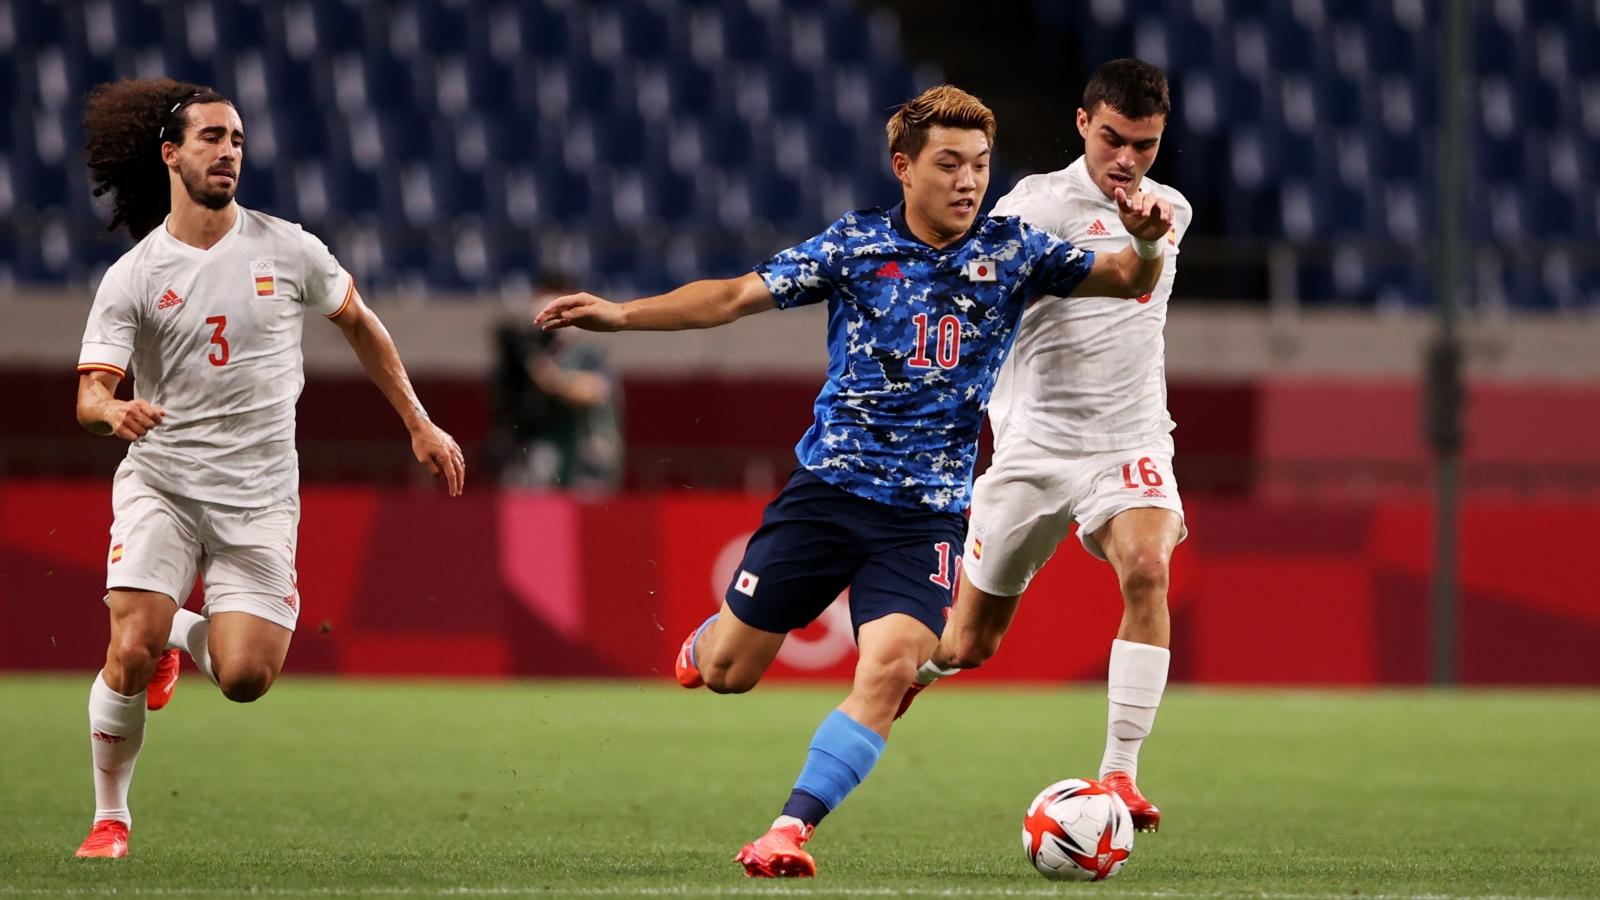 TRỰC TIẾP Nhật Bản 0-0 Tây Ban Nha: Đôi công rực lửa